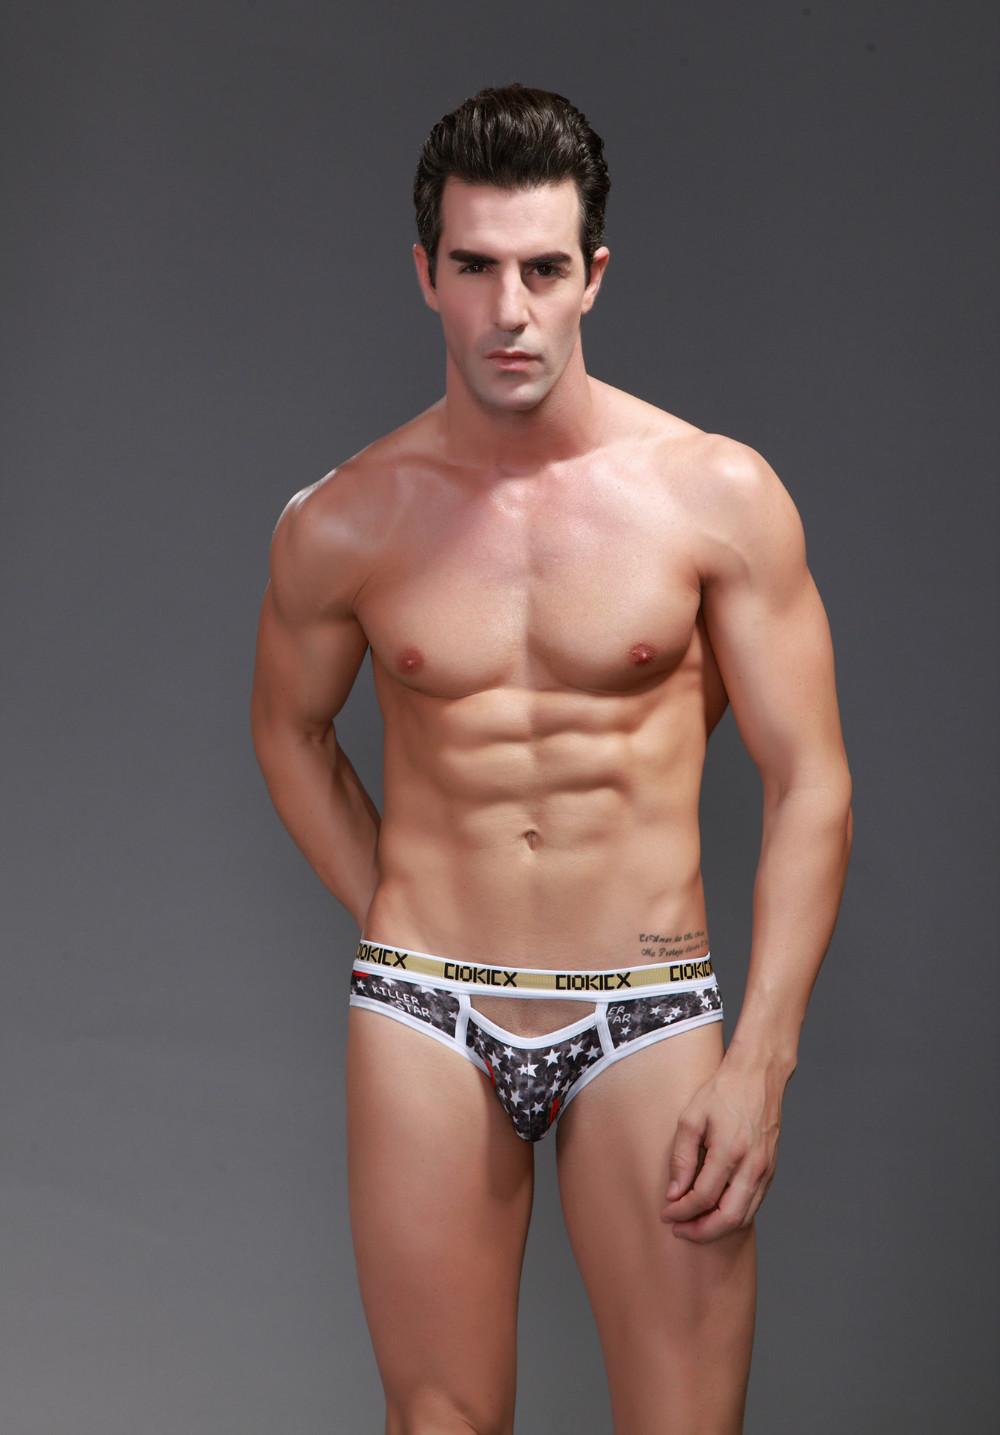 Photo Of Nude Men 6